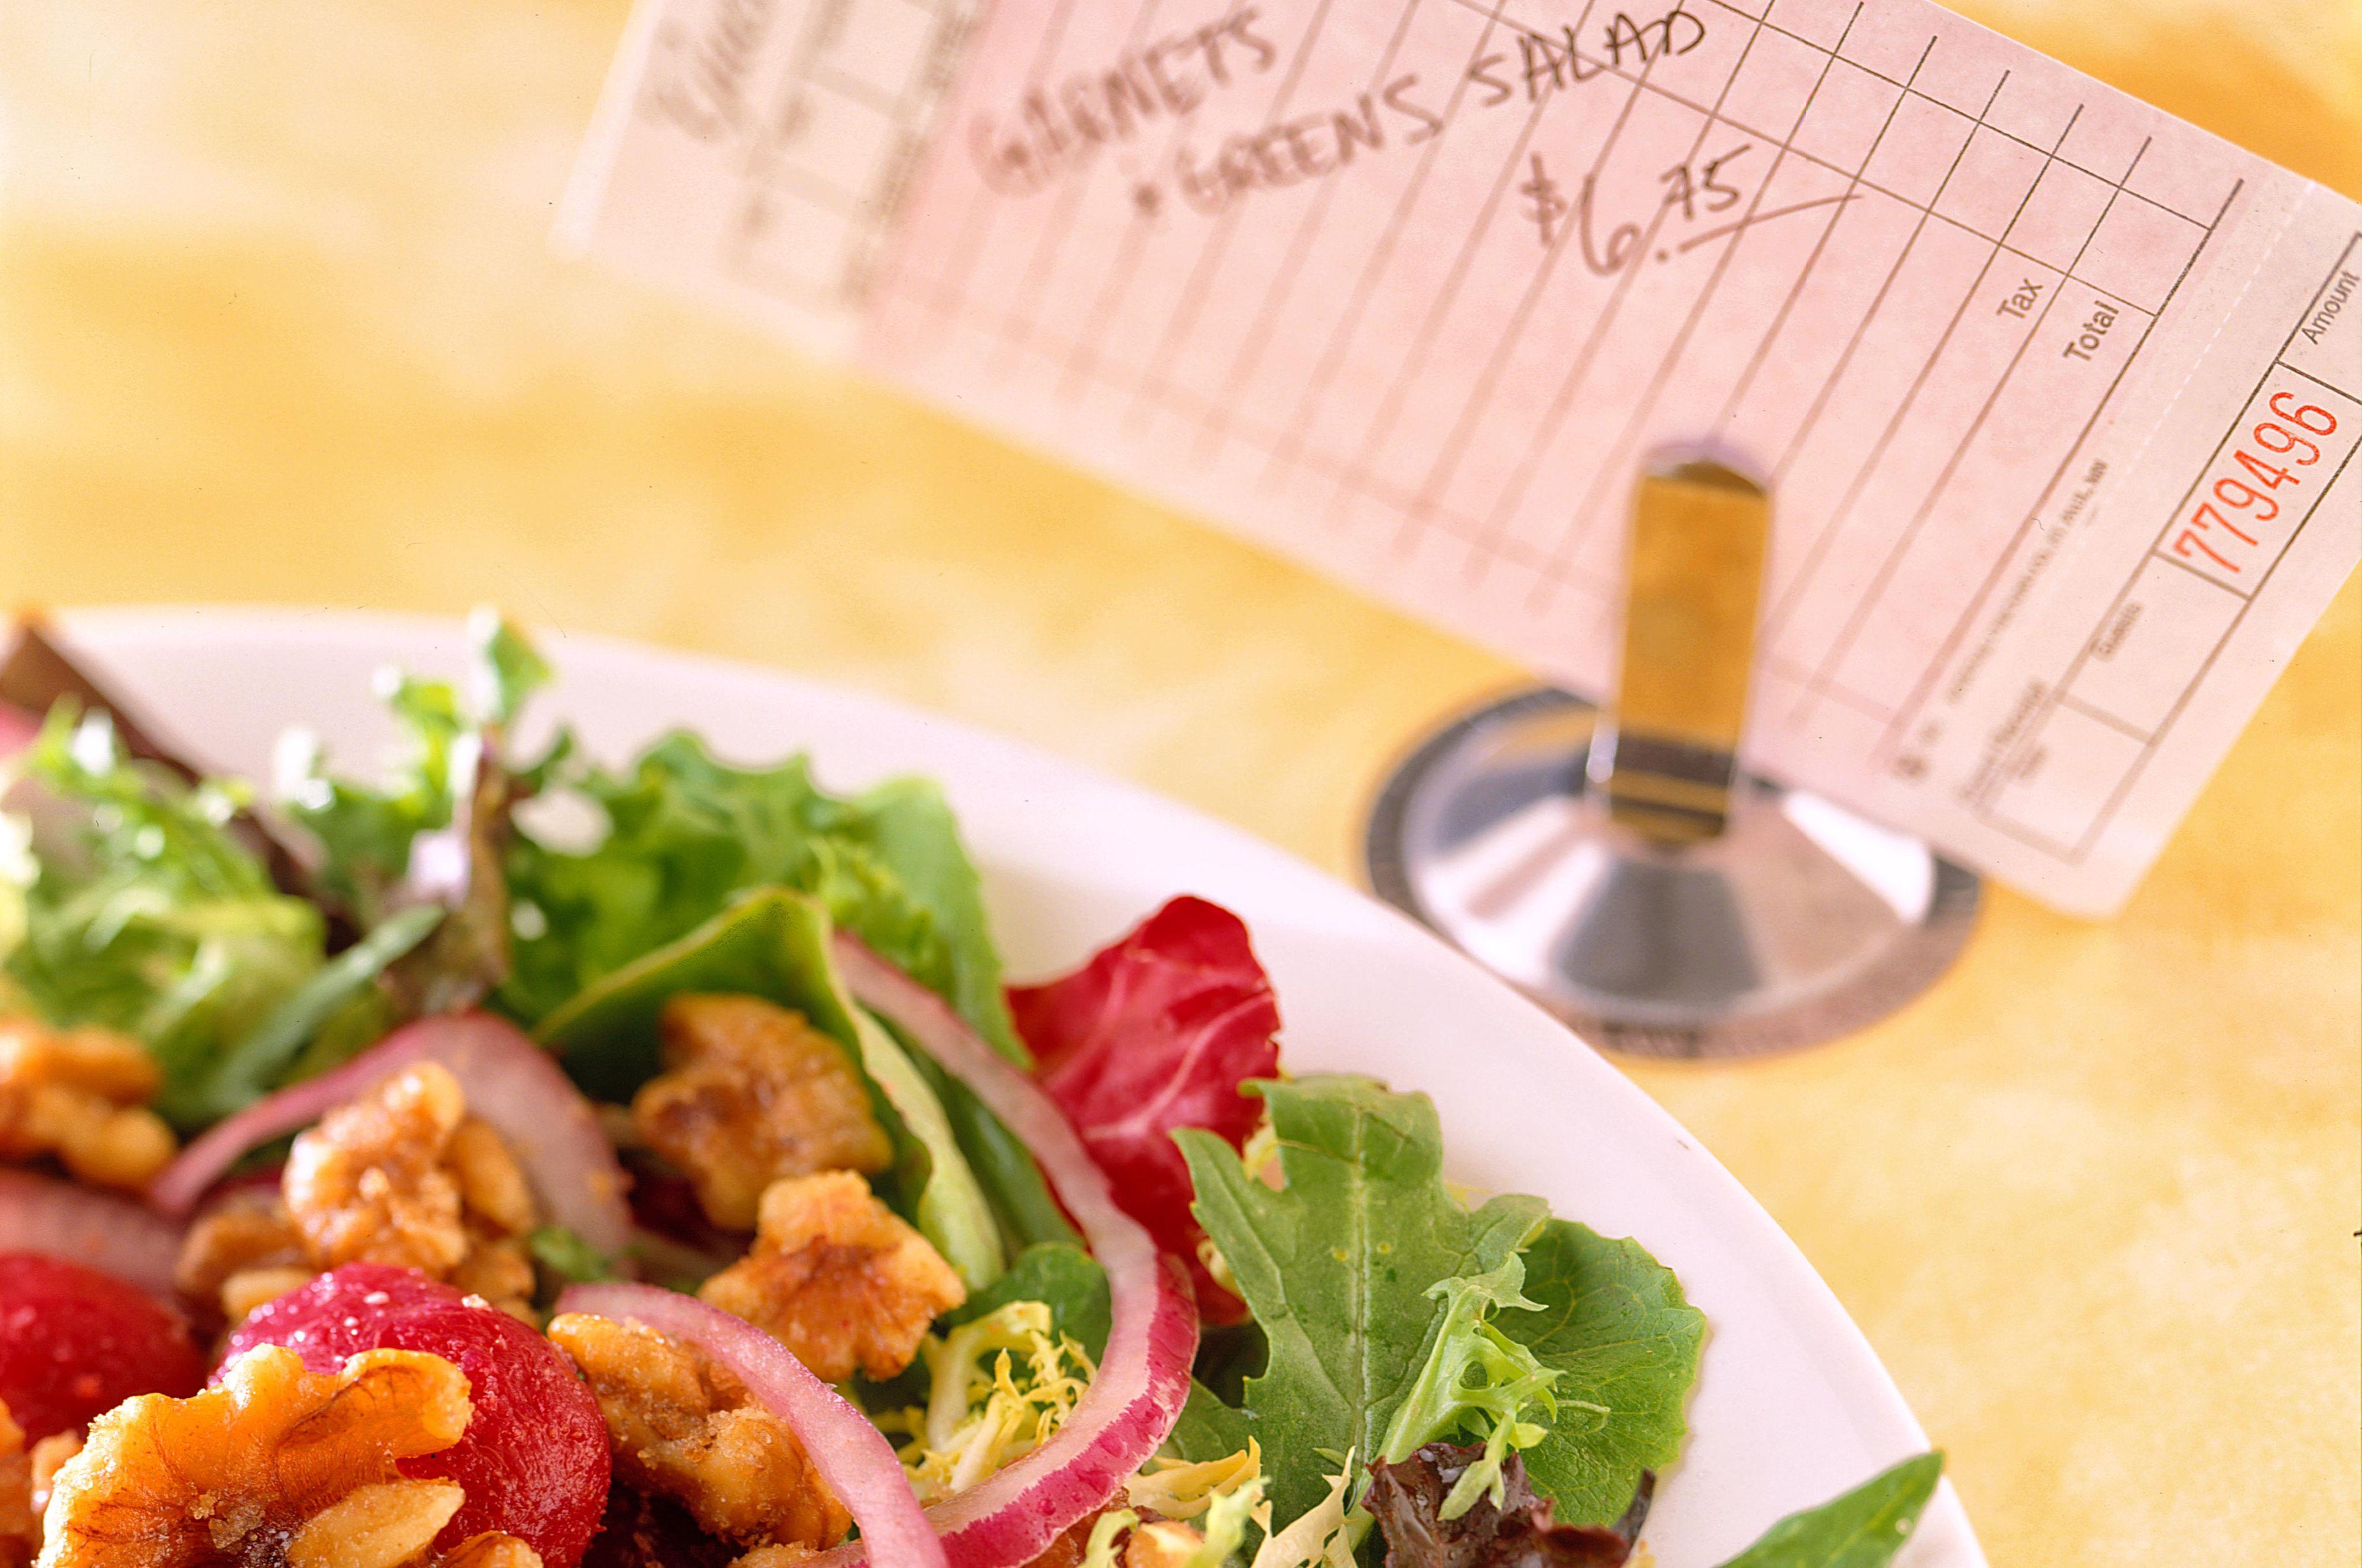 salad-with-check.jpg